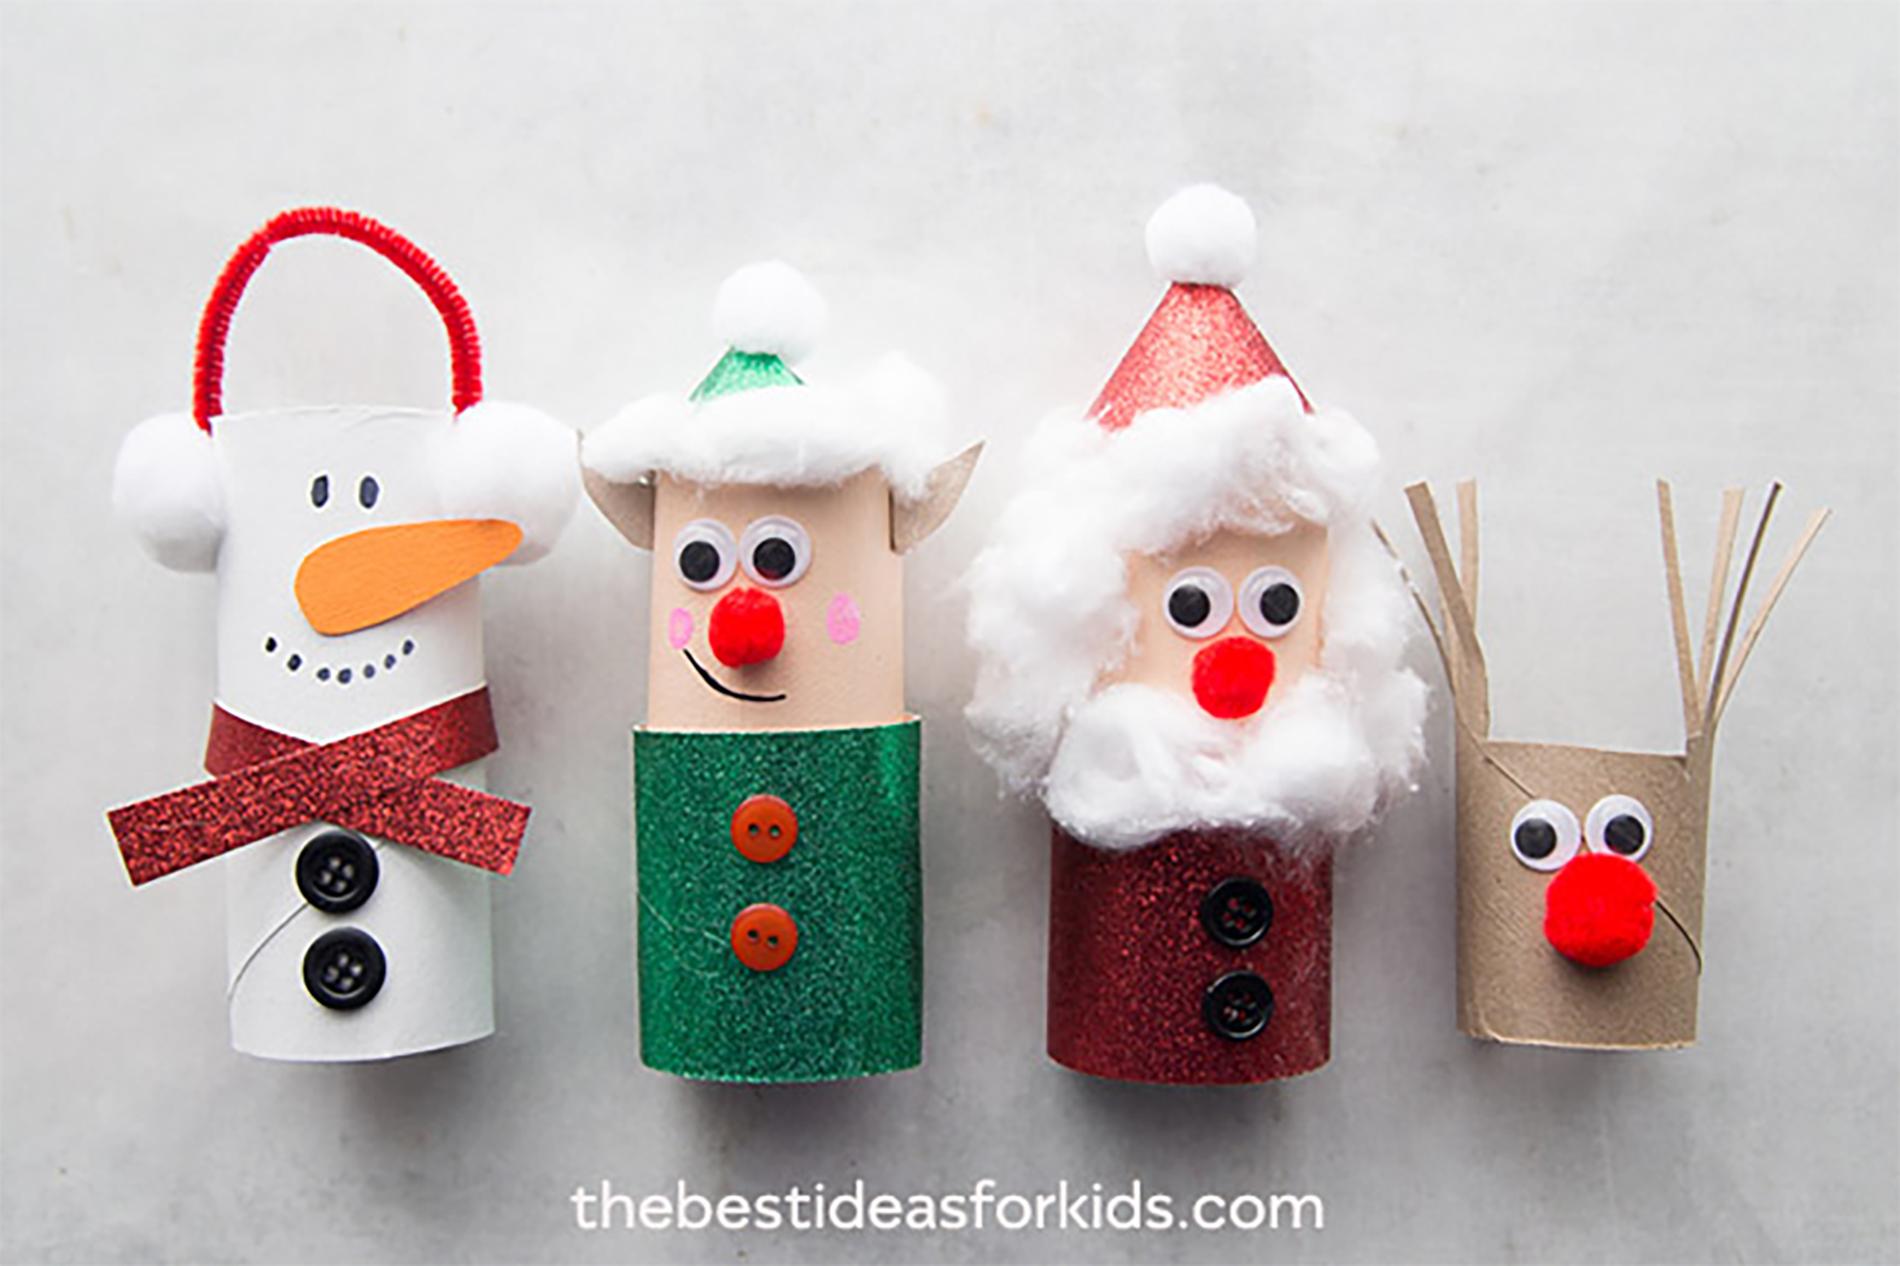 Tutorial Regali Di Natale Fai Da Te.Decorazioni Di Natale Fai Da Te Semplici Da Fare Regali Per Tutti